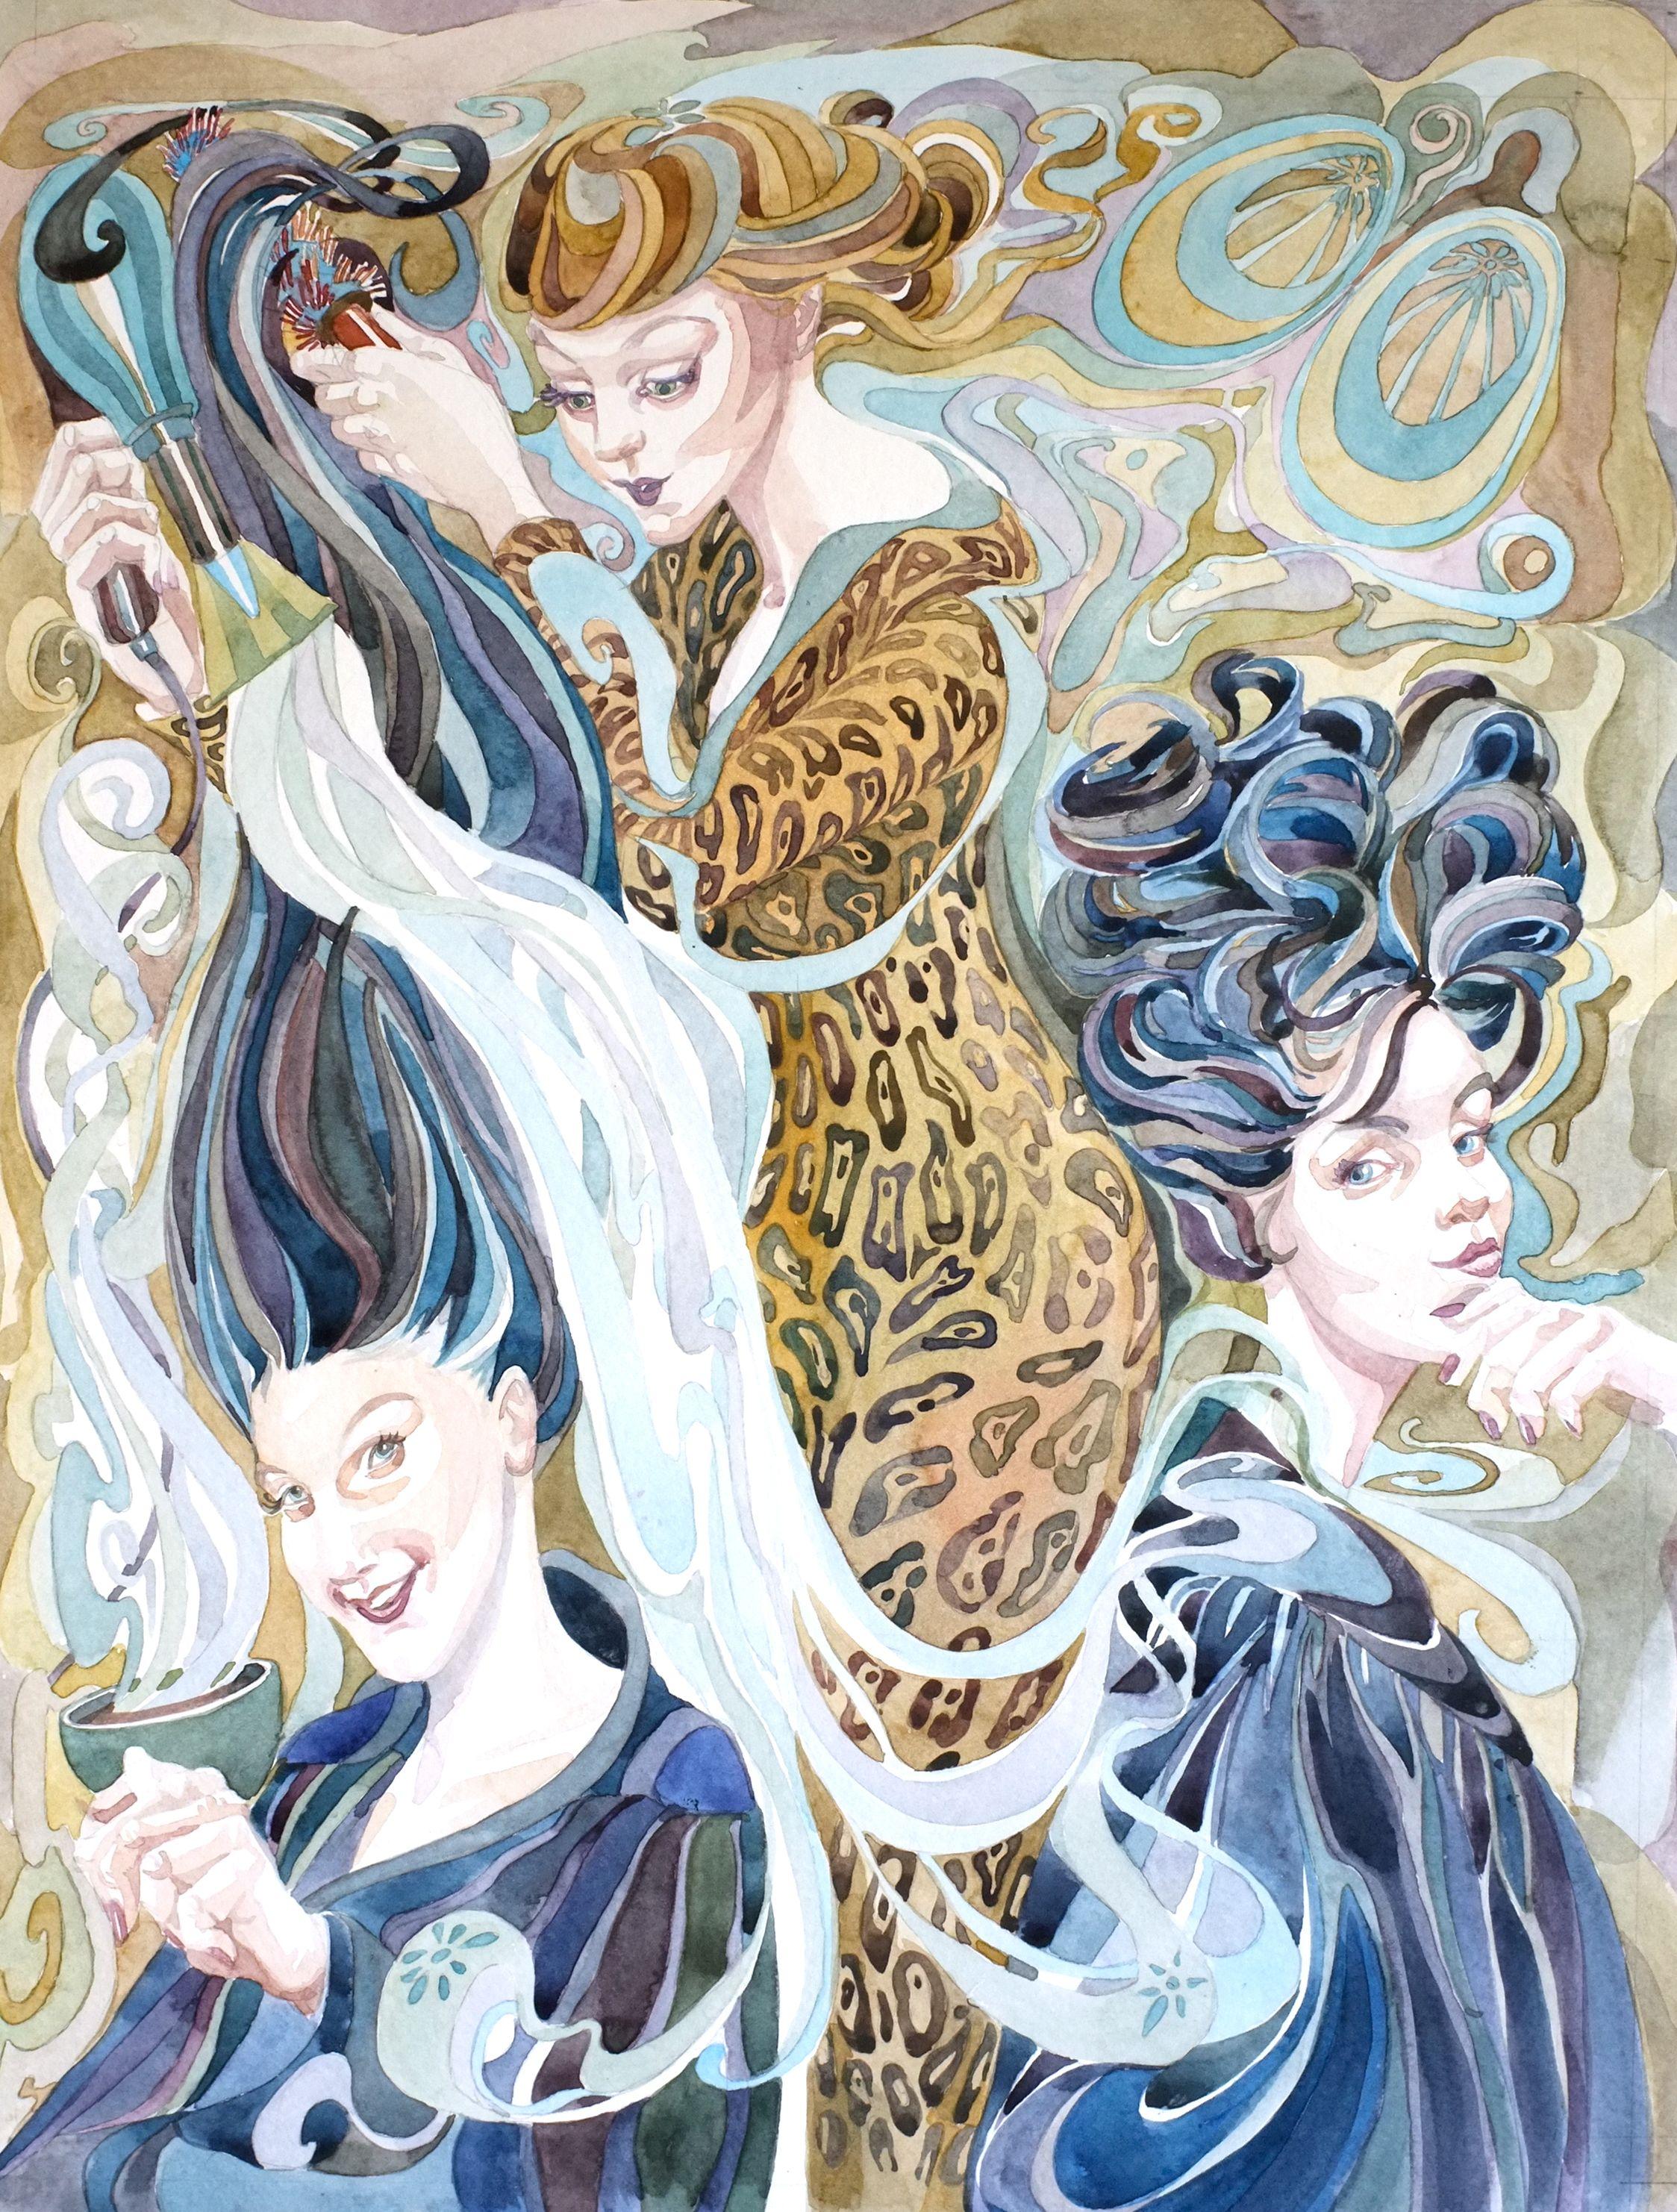 Pin By Nuran Balc Zekin On Aaa Pinterest Watercolor And Paintings